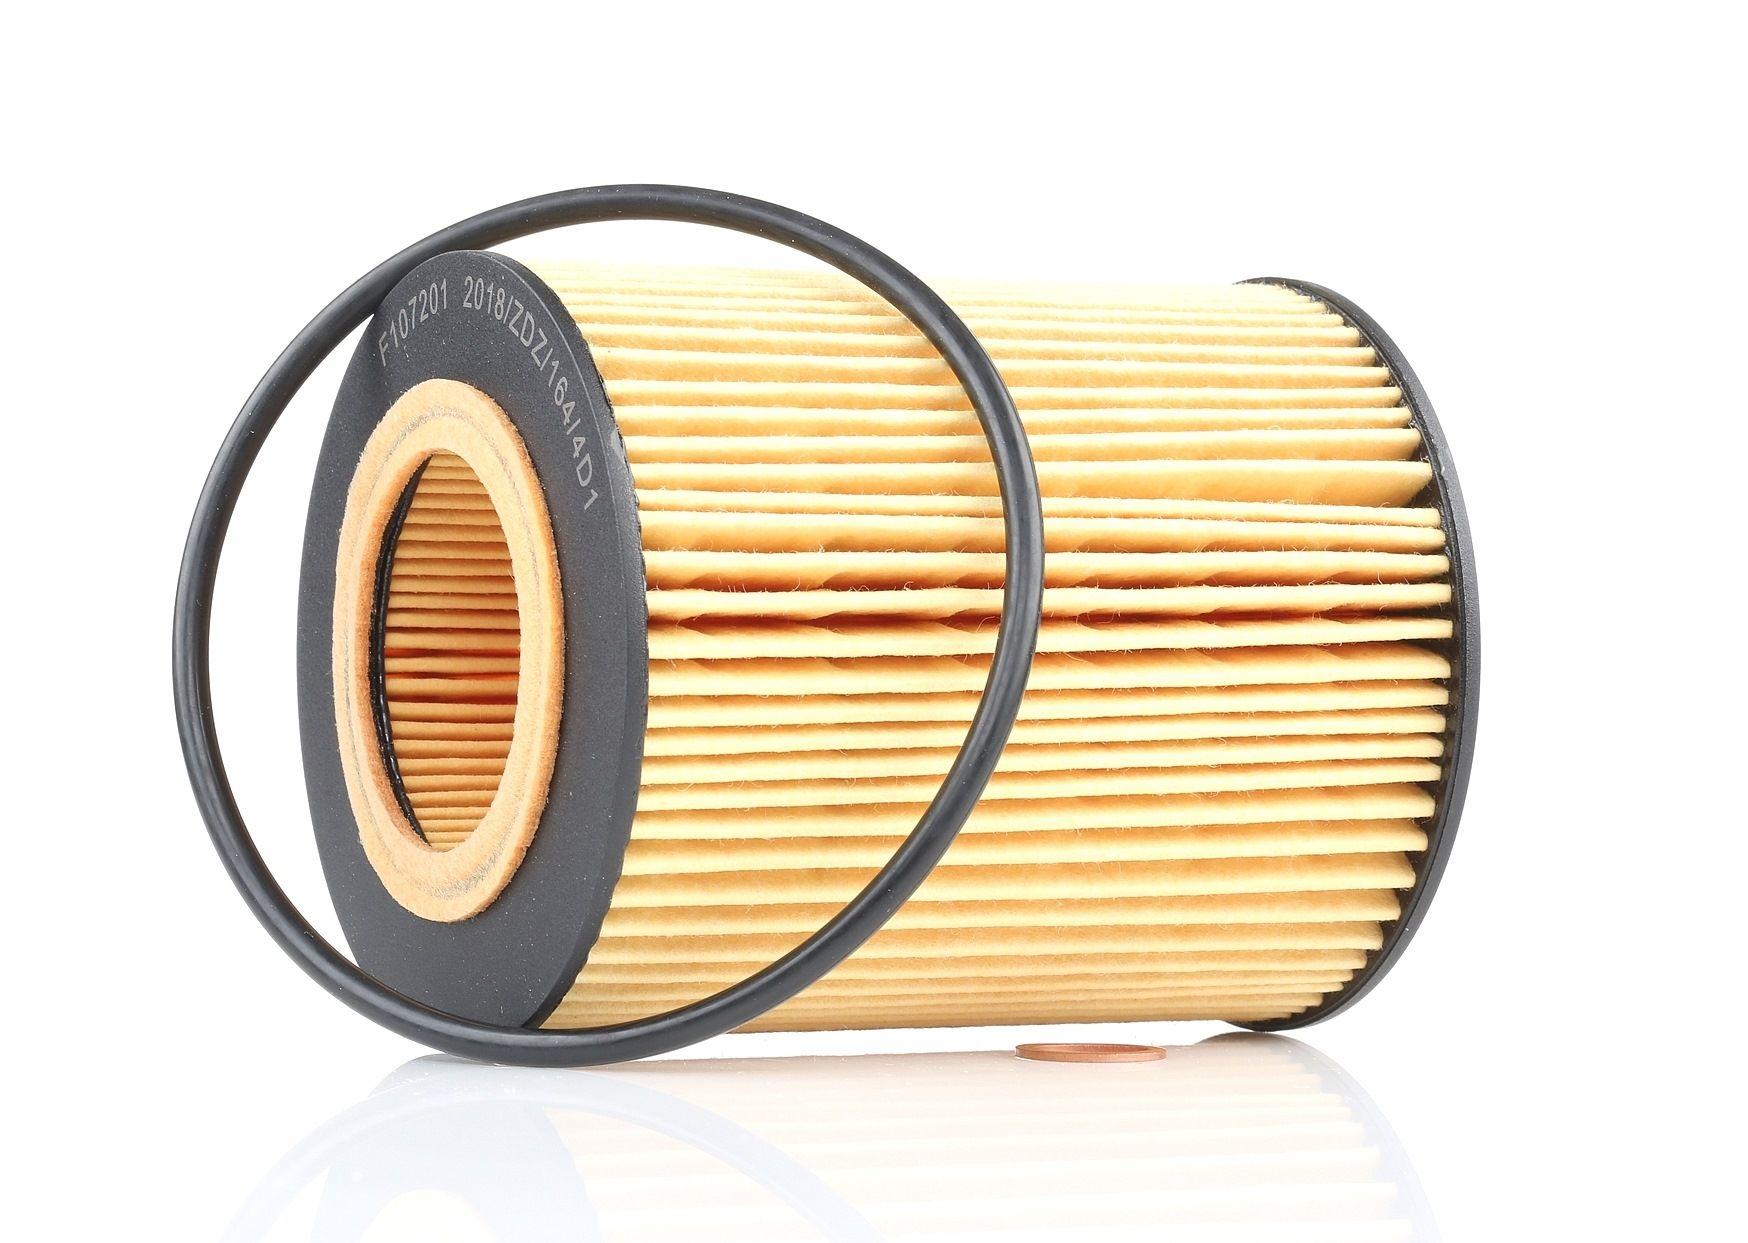 F107201 KAMOKA Filtereinsatz Innendurchmesser 2: 43mm, Innendurchmesser 2: 43mm, Ø: 83mm, Höhe: 104mm Ölfilter F107201 günstig kaufen